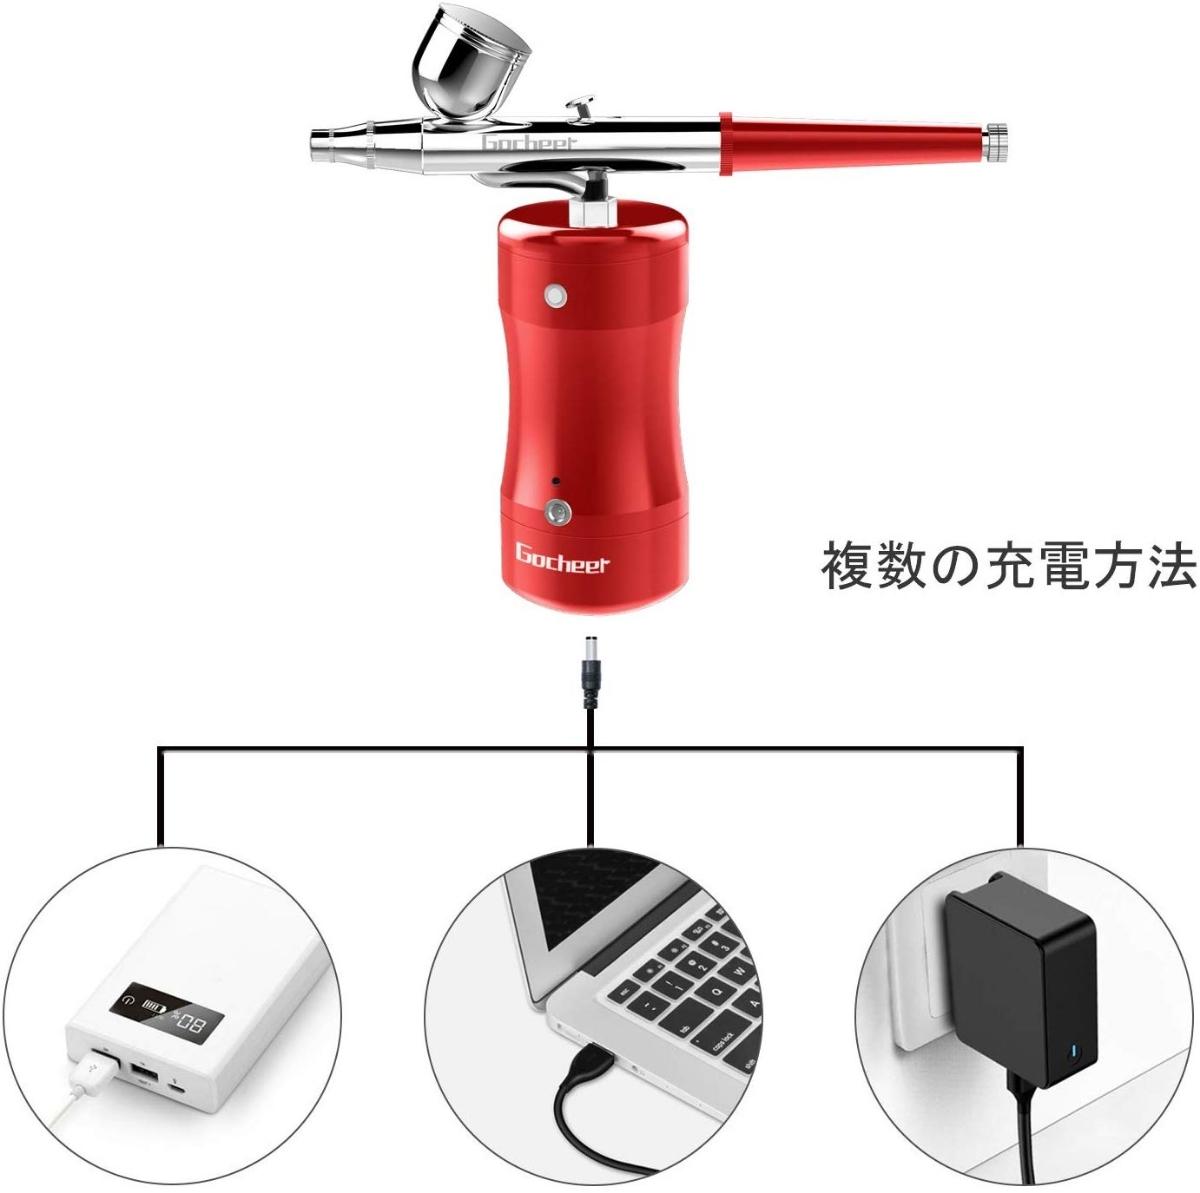 新品未使用 エアブラシ コンプレッサー USB充電ライン オイルレス シングルアクションエアブラシ付きPS-1/8 日本語取扱説明書_画像6